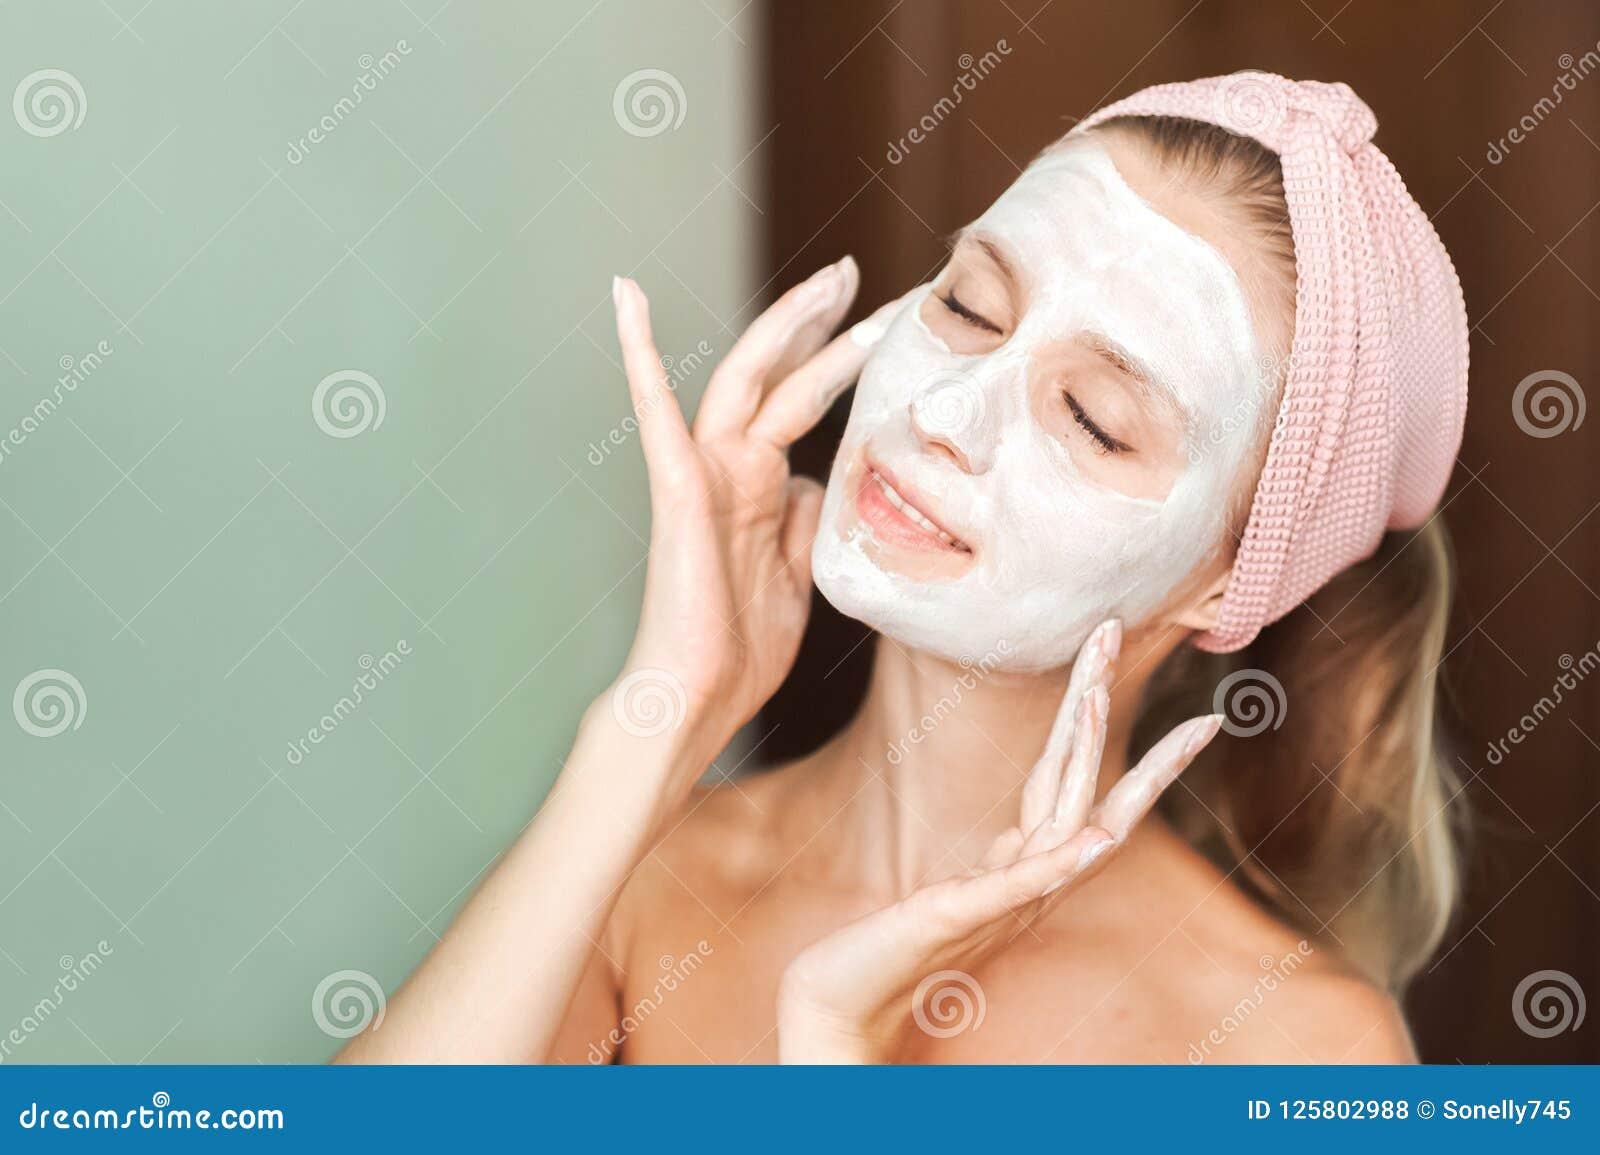 Traitements de beauté La jeune femme applique un masque, crème sur son plan rapproché de visage Portrait facial de soins de la pe